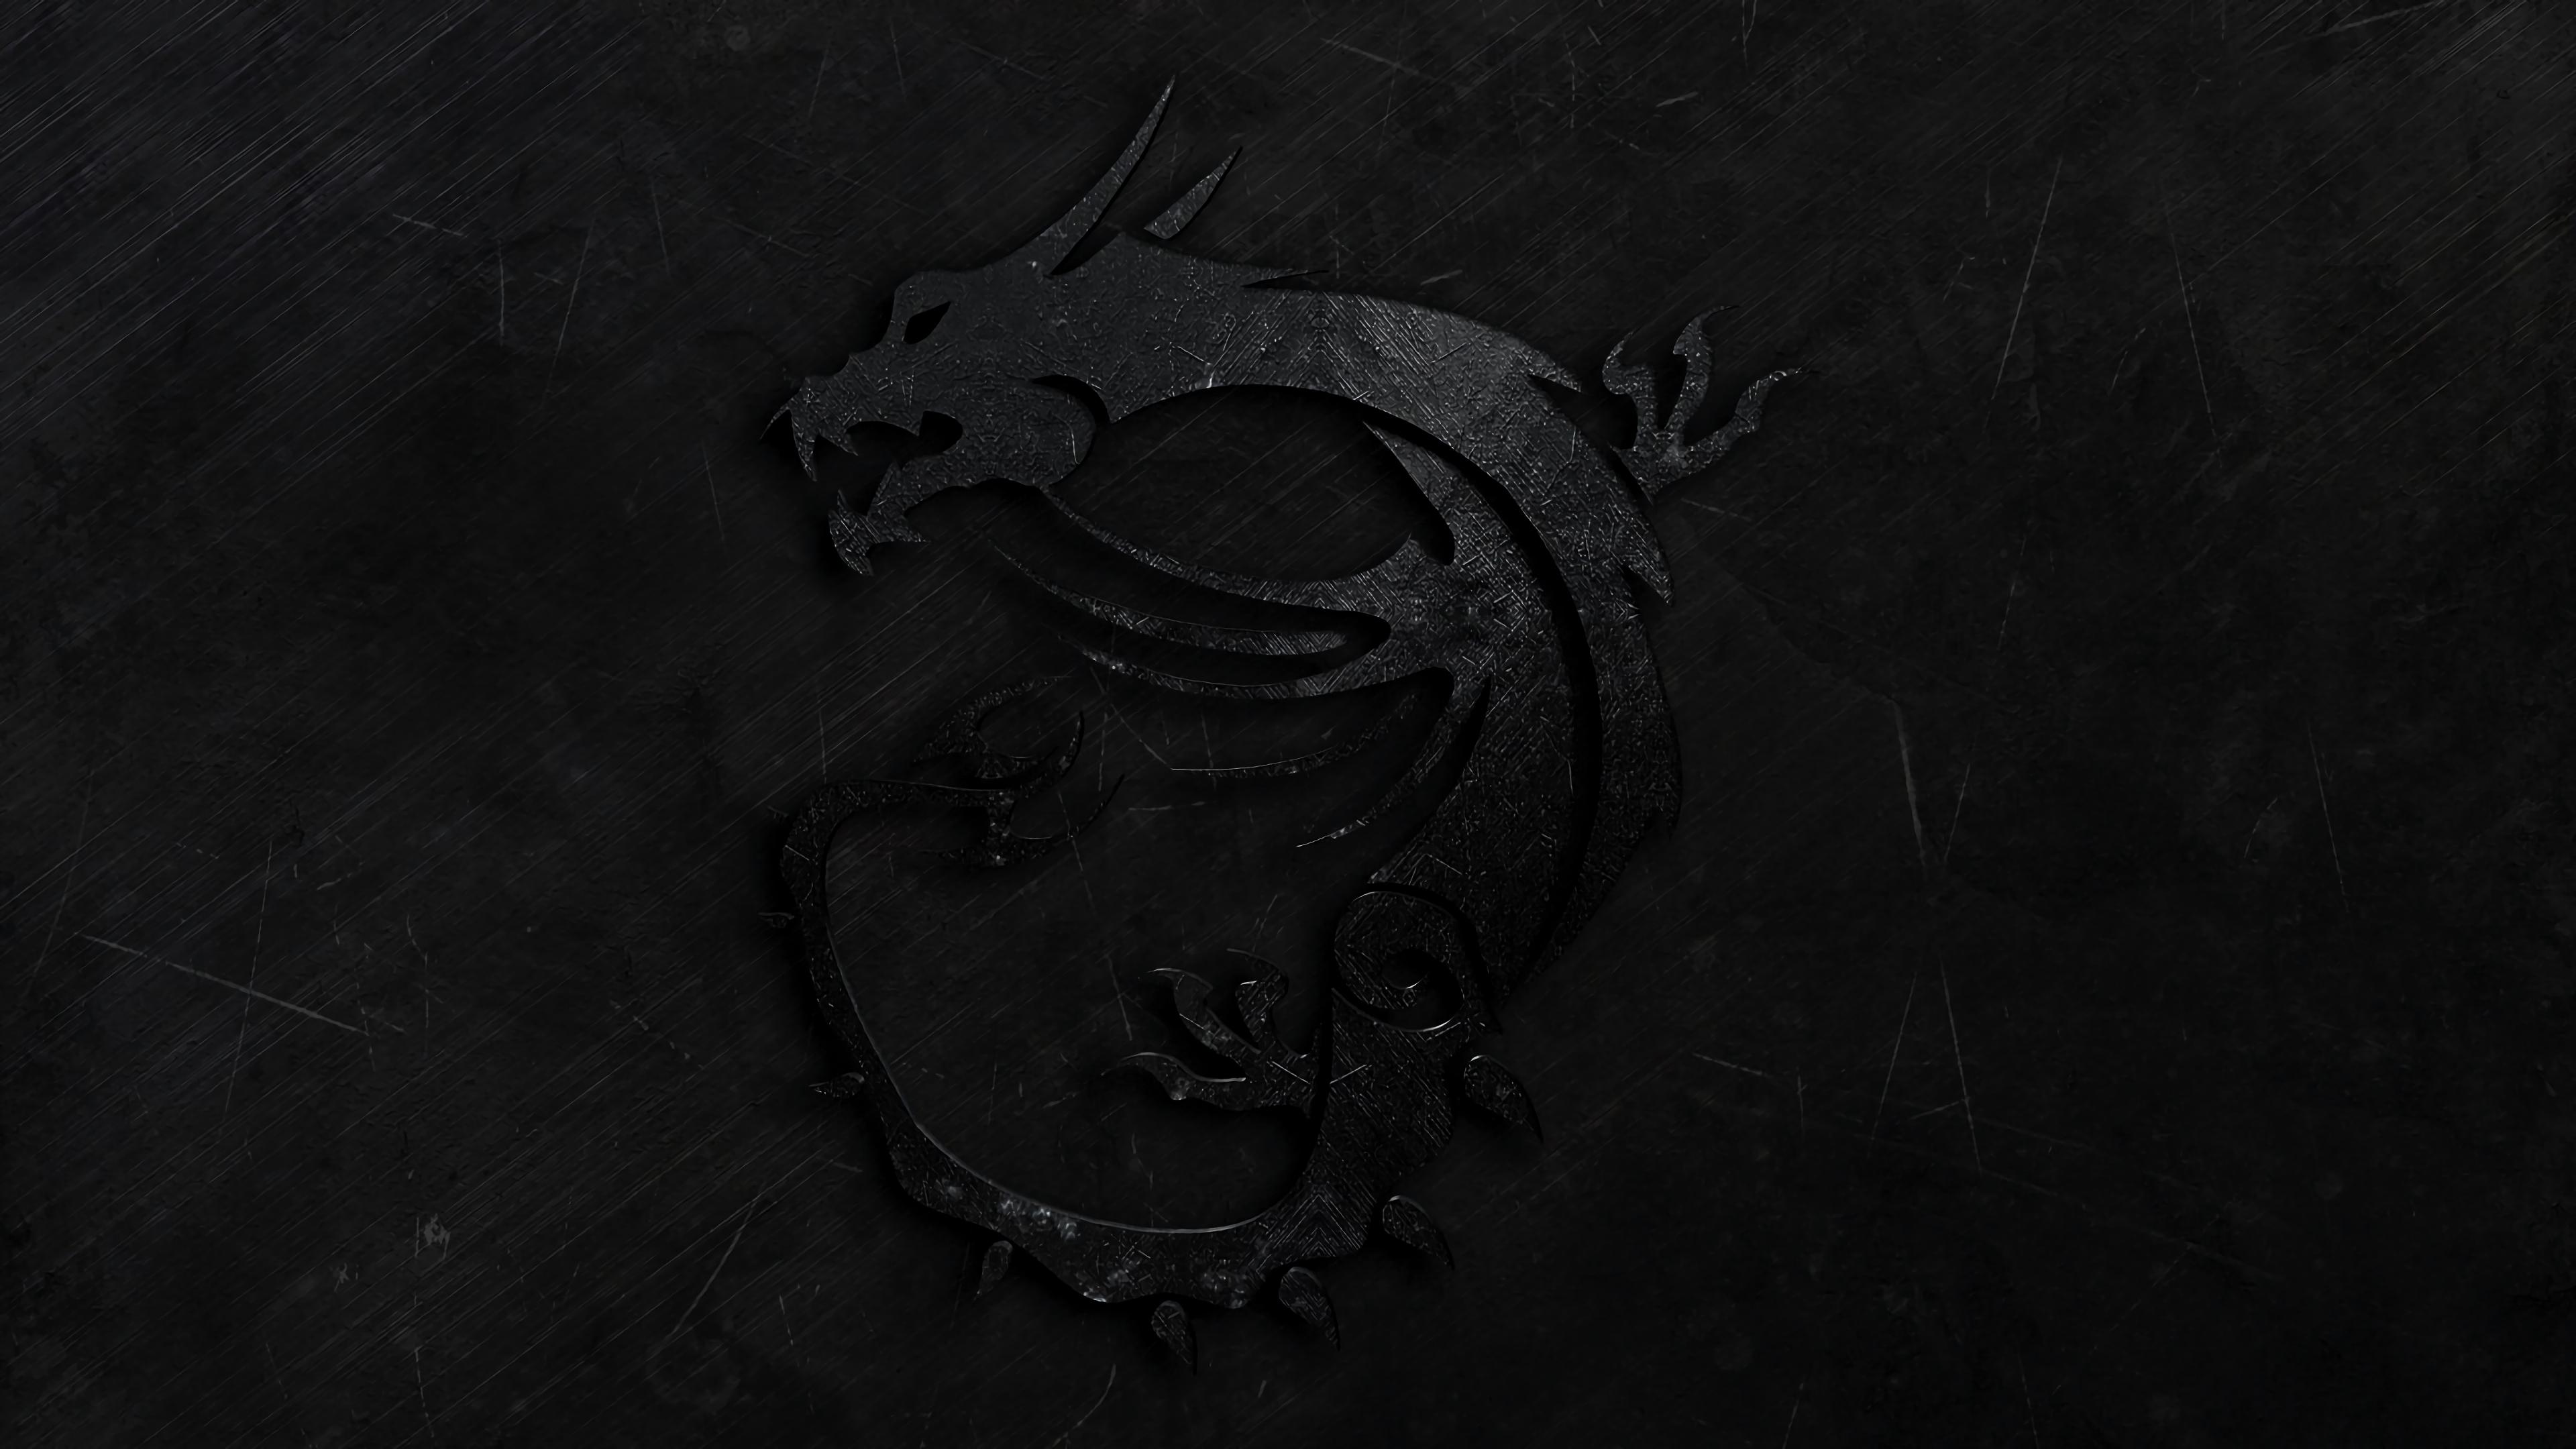 MSI Black Wallpaper